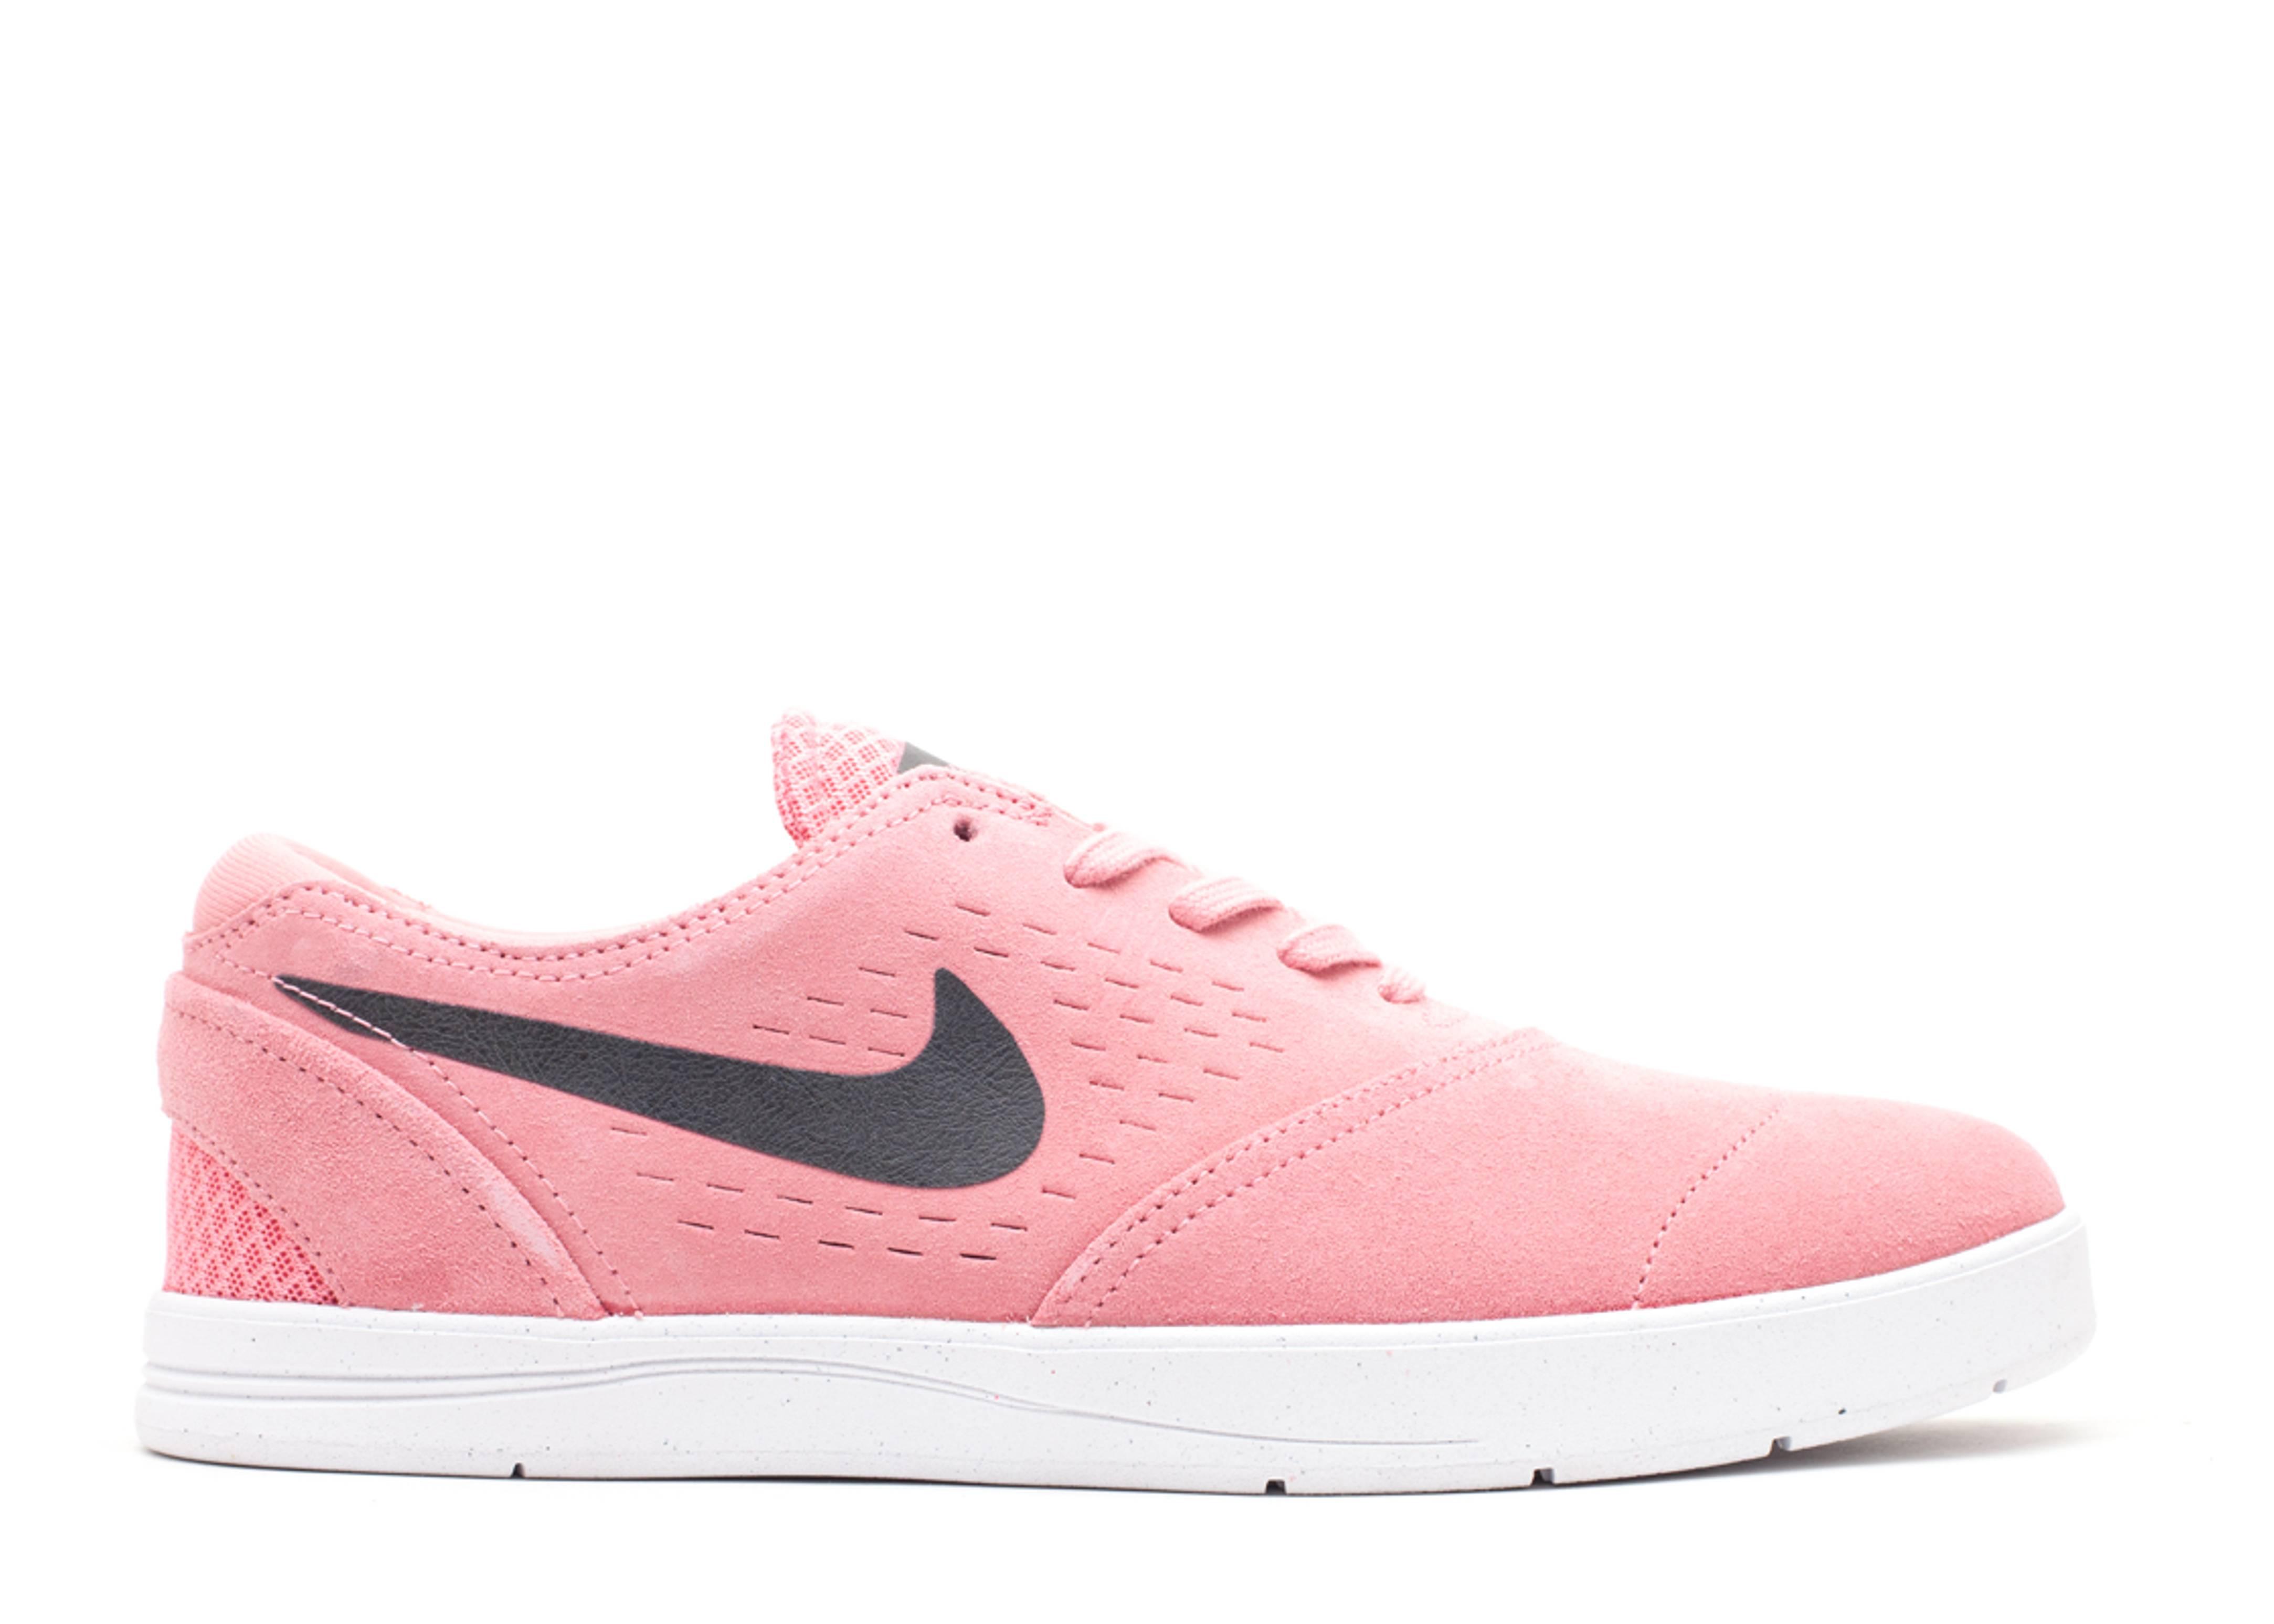 4dfd079058c Eric Koston 2 - Nike - 580418 660 - digital pink black